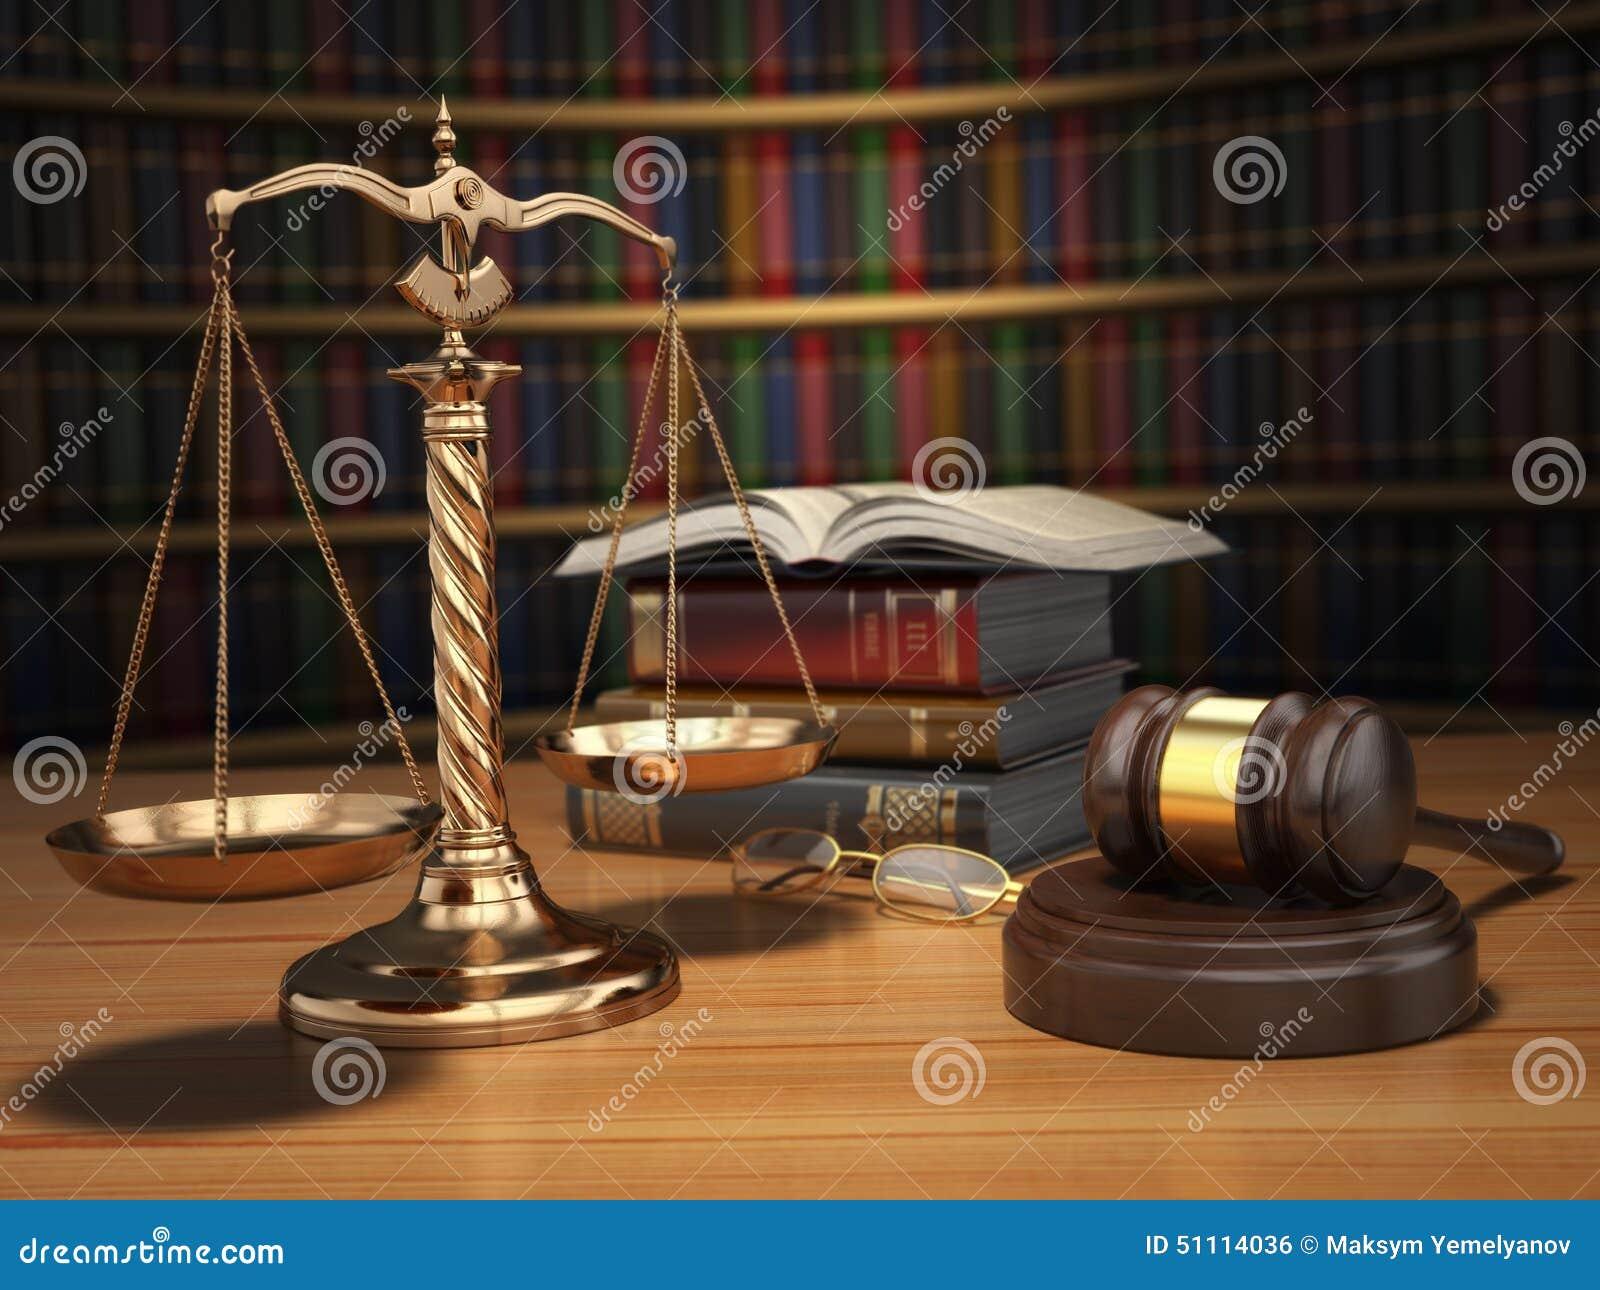 το τρισδιάστατο βάθρο δικαιοσύνης έννοιας χρυσό δίνει την κλίμακα Gavel, χρυσές κλίμακες και βιβλία στη βιβλιοθήκη